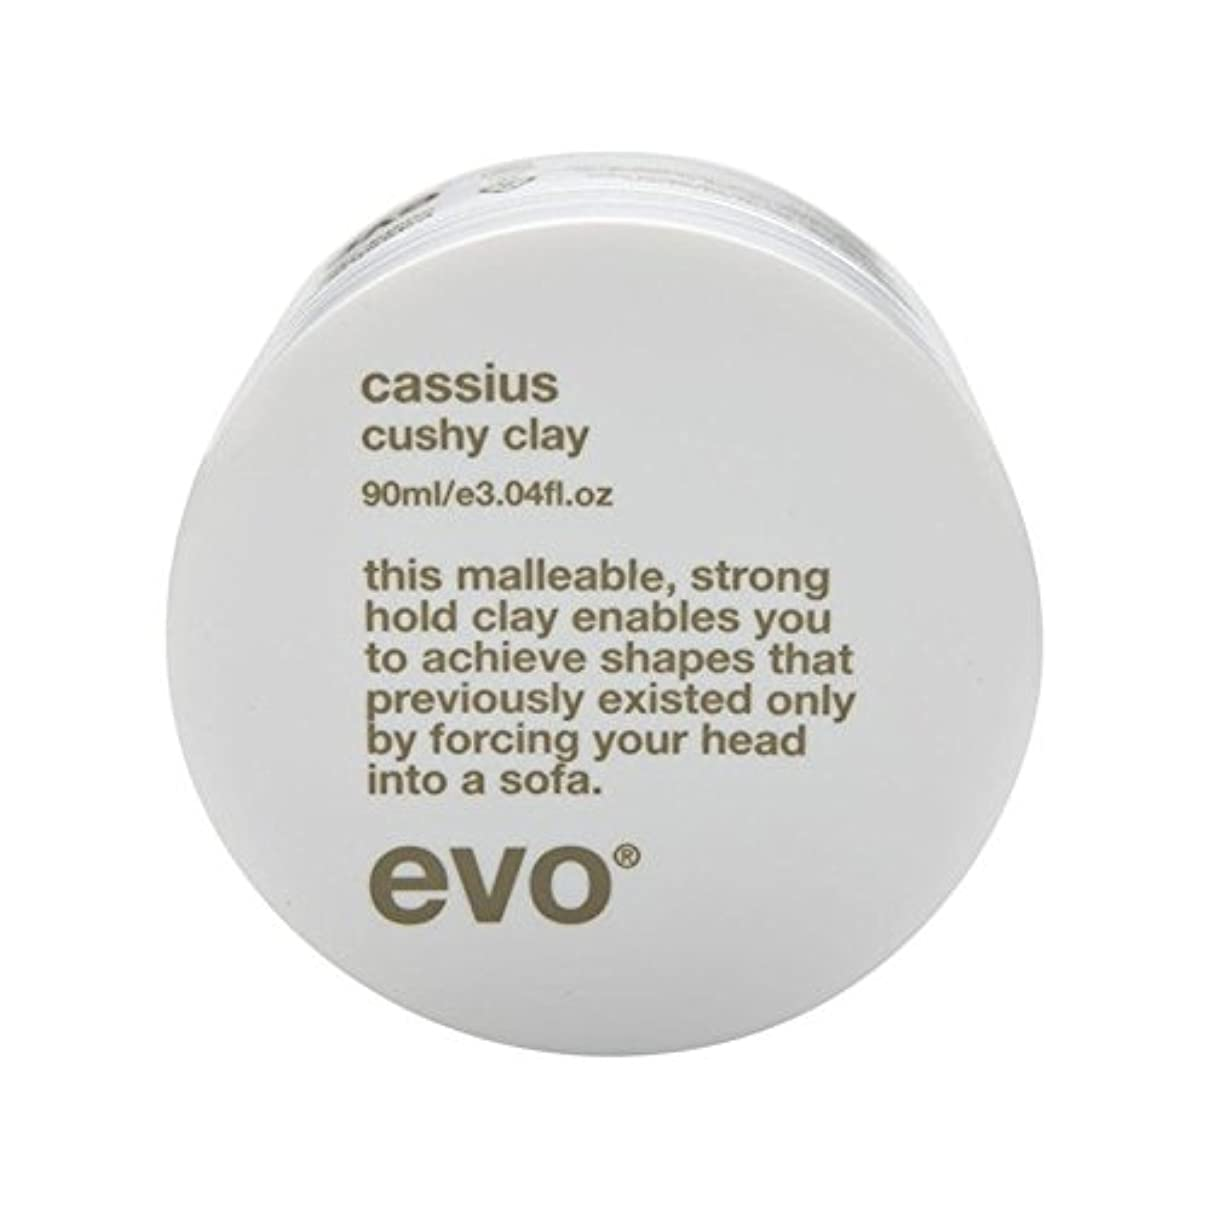 選択する順番胆嚢Evo Cassius Cushy Clay 90G - エボカシウス楽な粘土90グラム [並行輸入品]